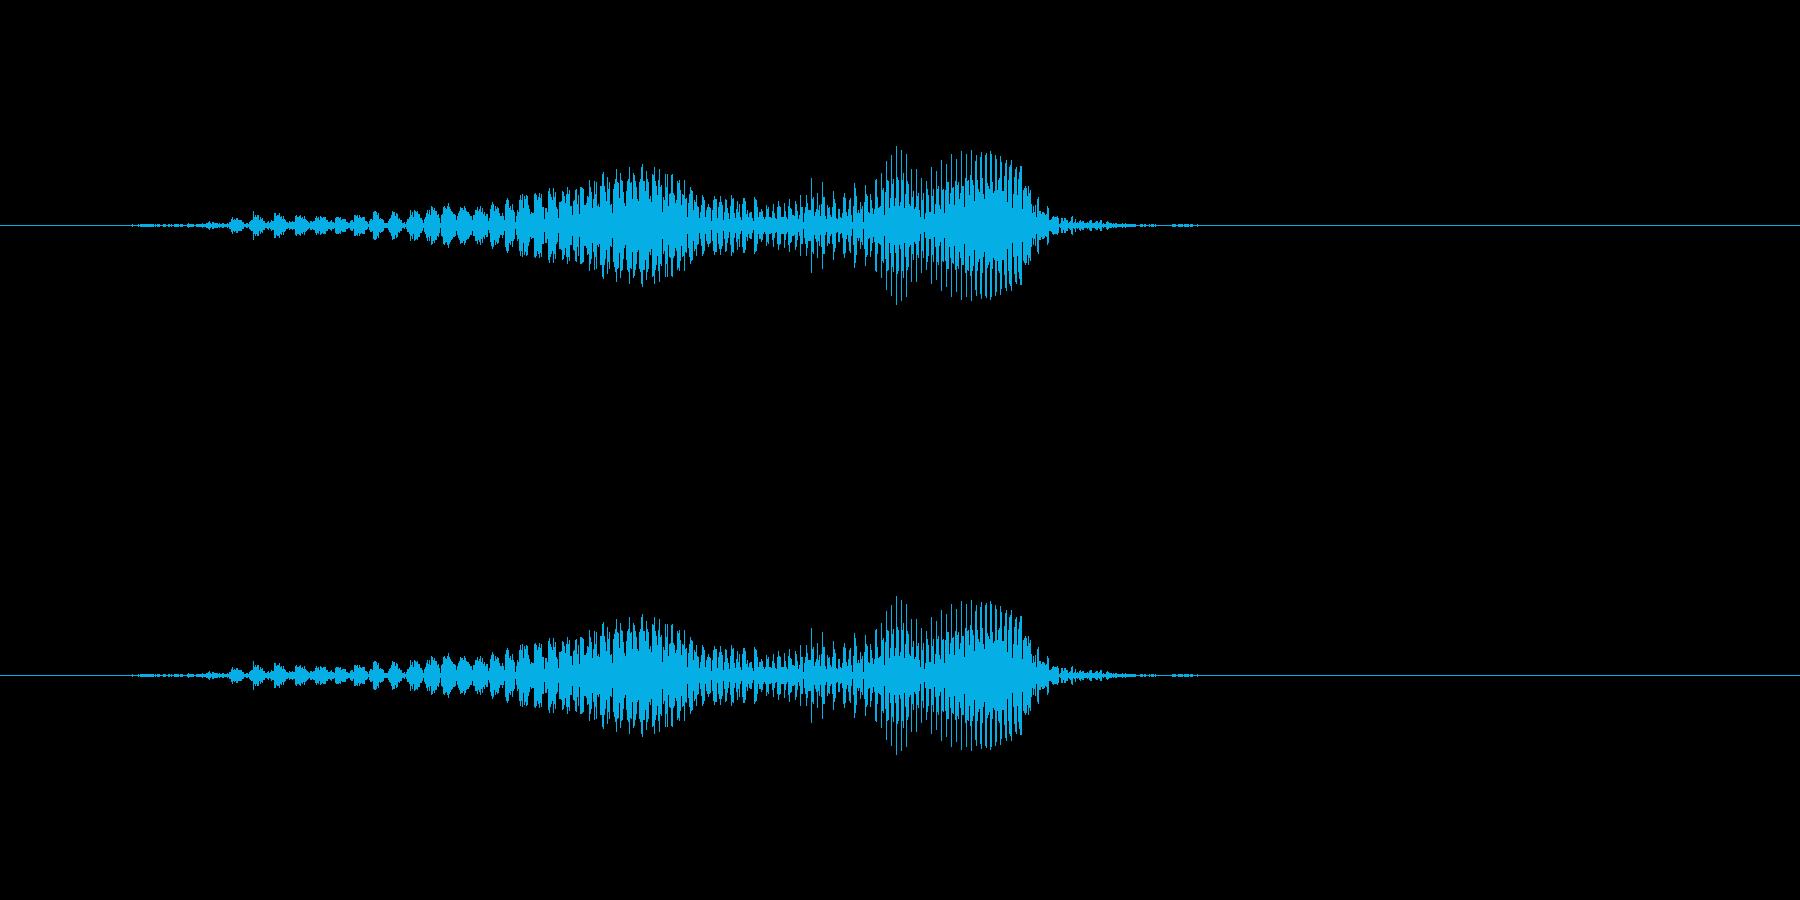 「ハーッ」男性 掛け声 力強い 気合いの再生済みの波形